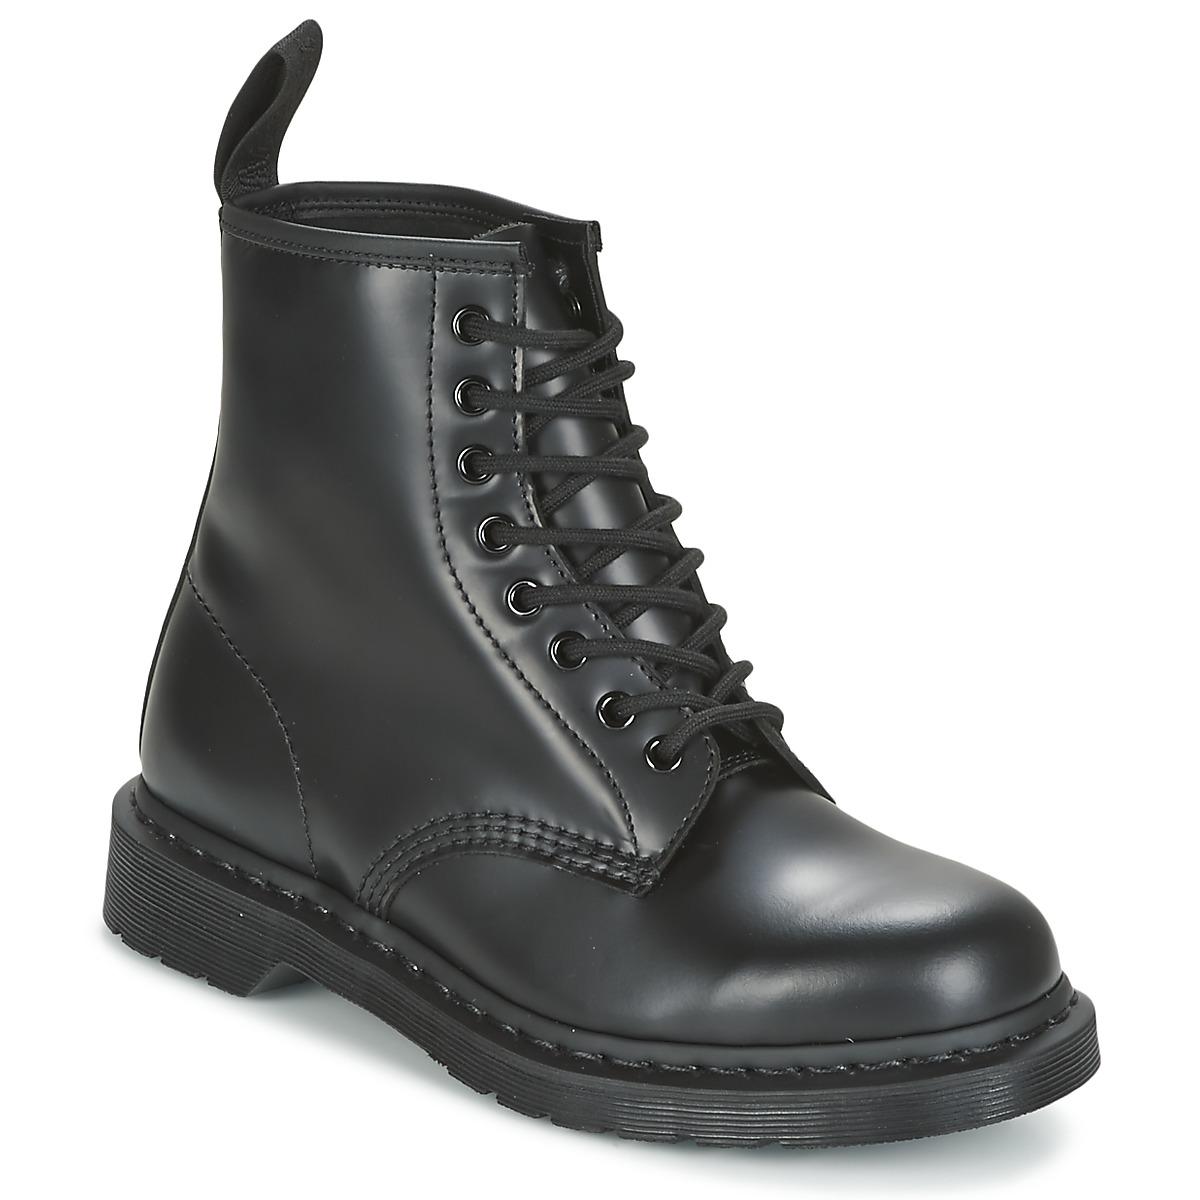 Dr Martens 1460 MONO Schwarz - Kostenloser Versand bei Spartoode ! - Schuhe Boots  152,10 €